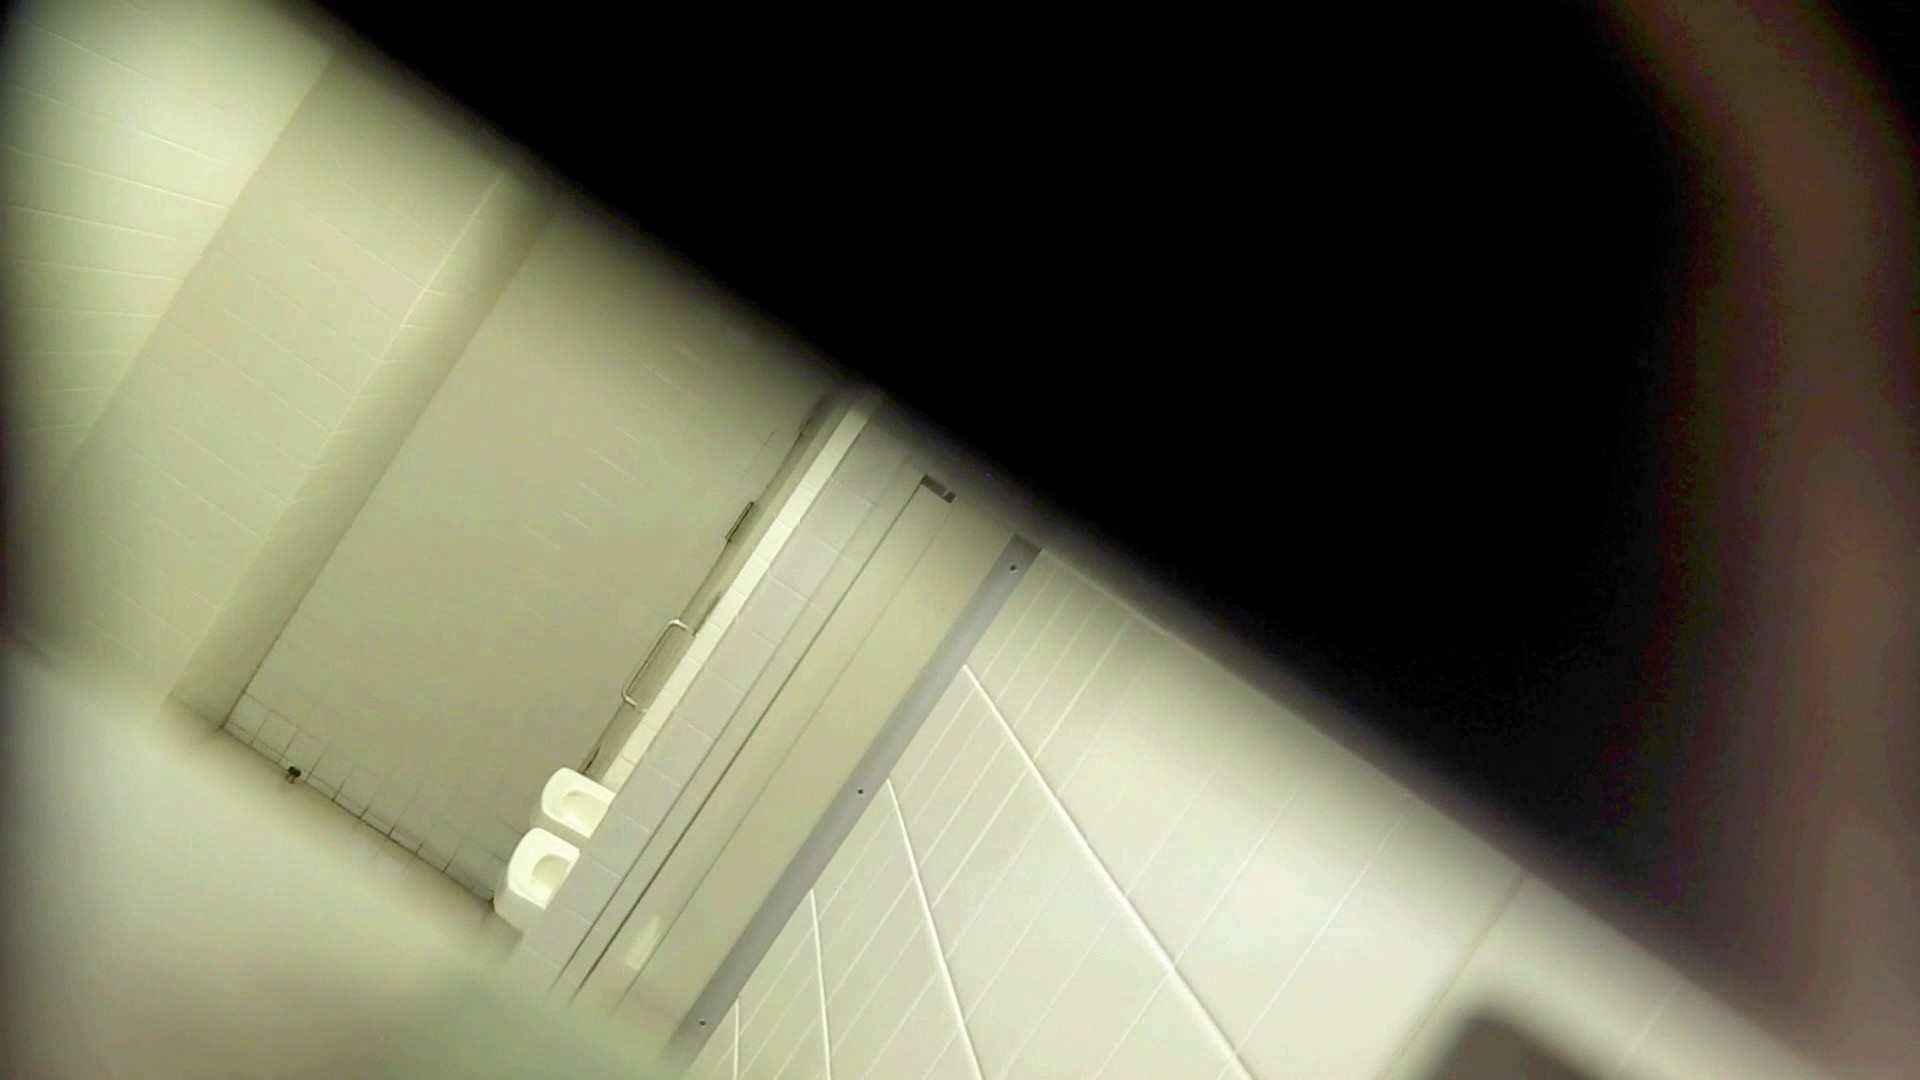 別冊「洗面所突入レポート!!」【閲覧注意!】シート的な物に興味のある方のみ! 洗面所  107画像 82